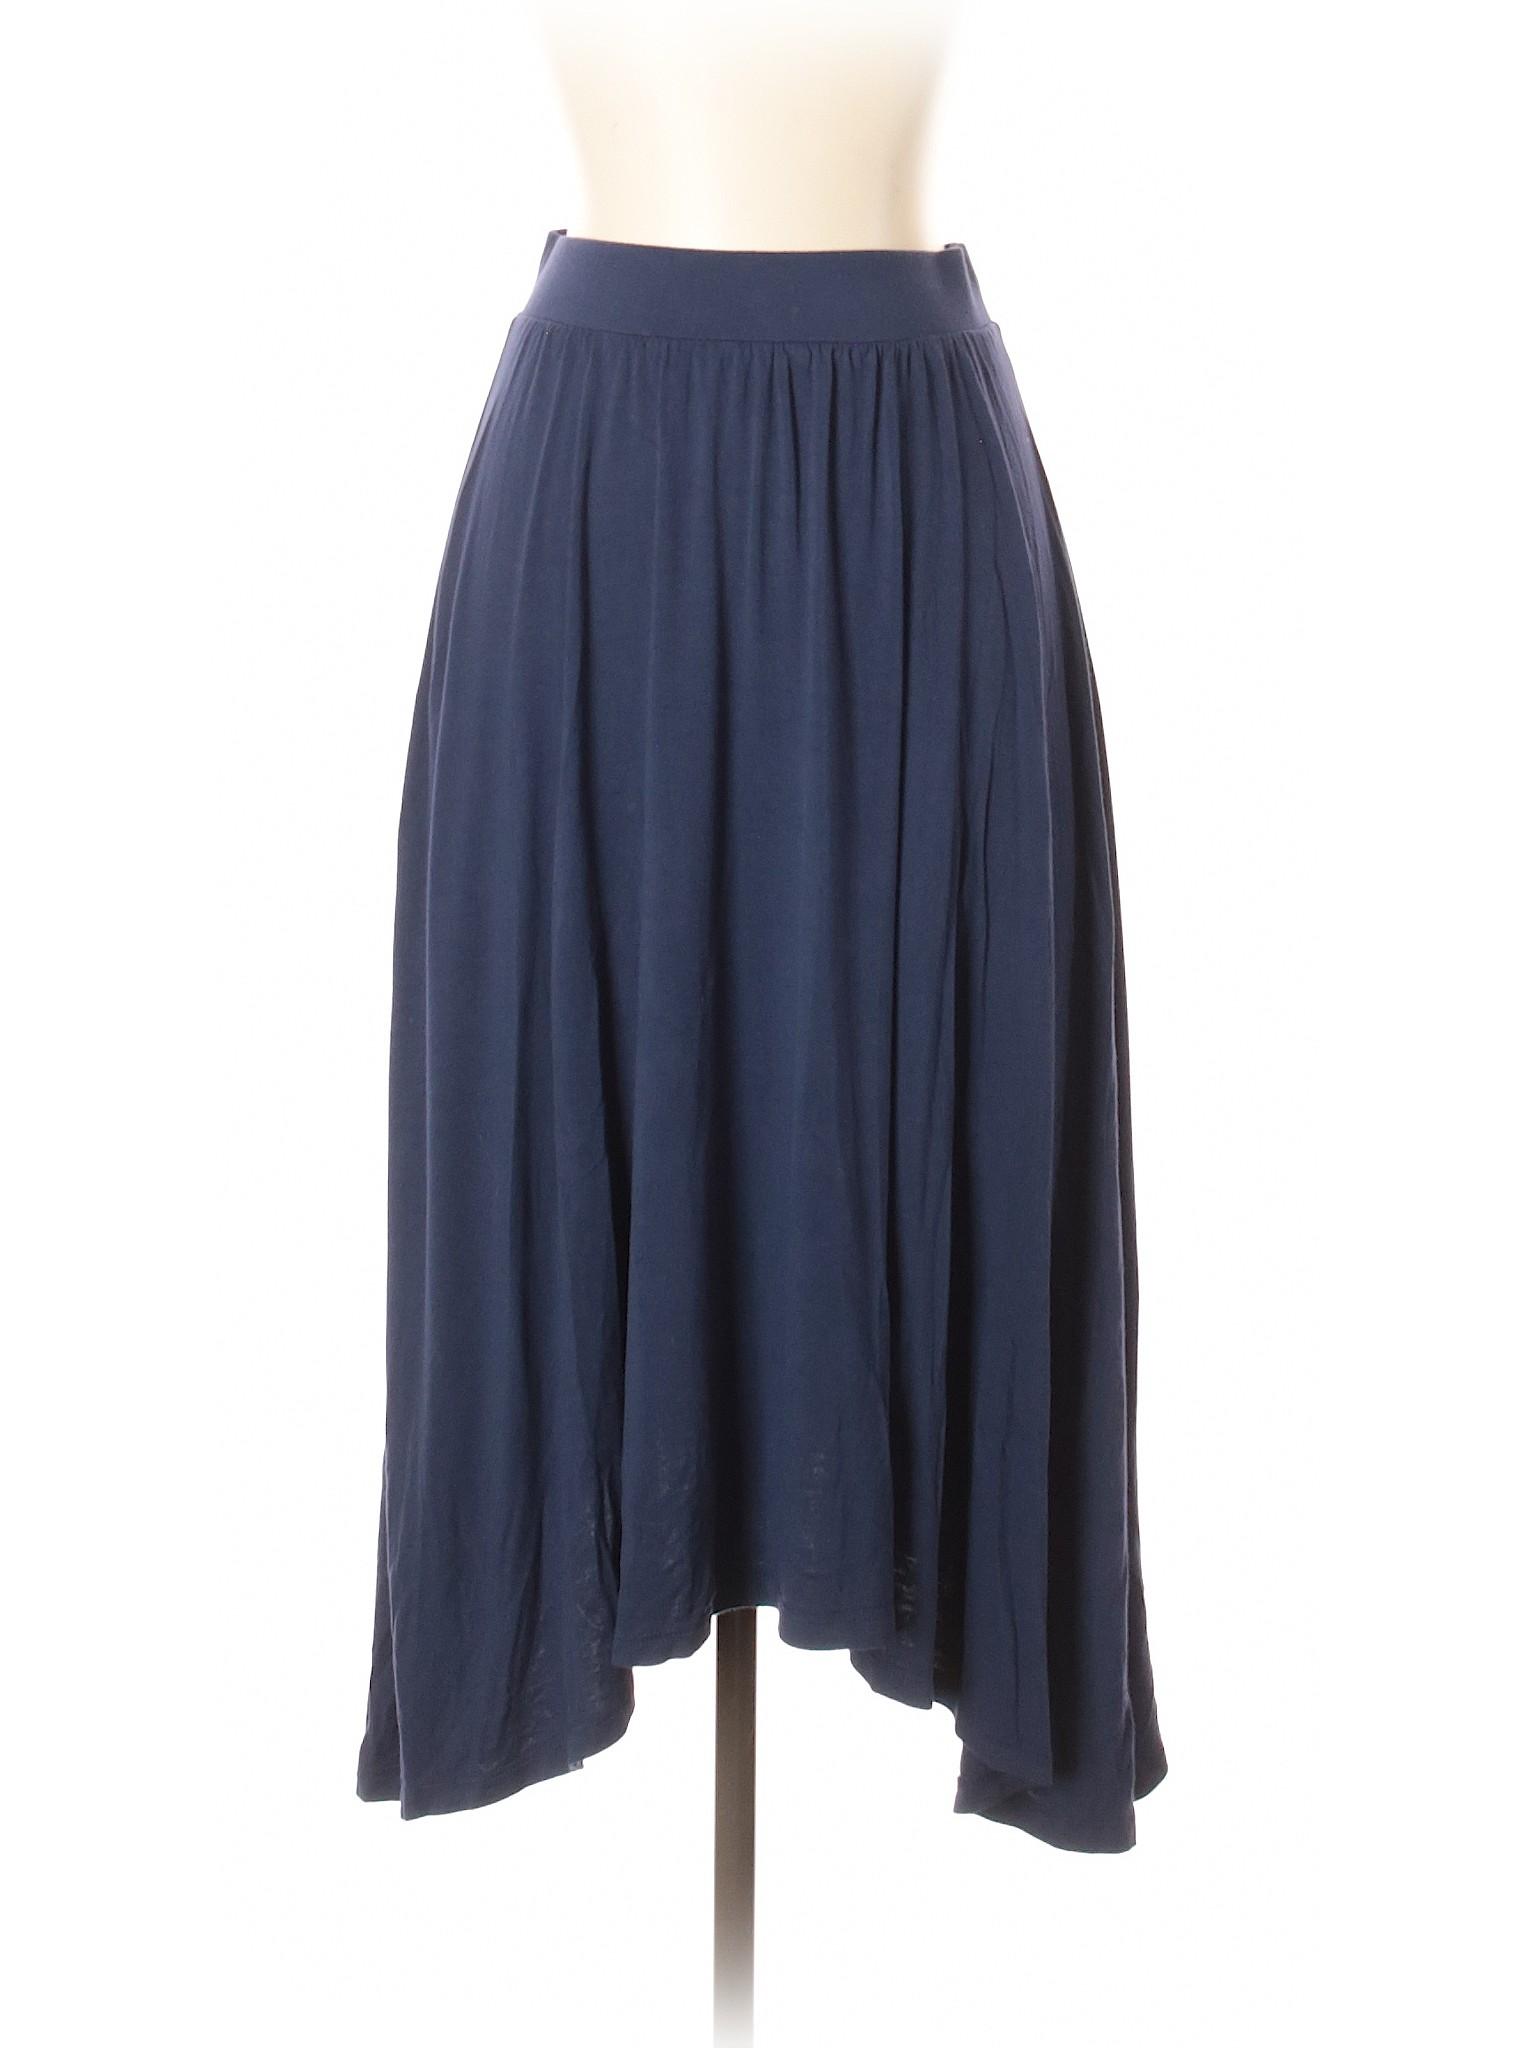 Boutique Skirt Casual Casual Boutique Skirt Boutique Casual Boutique Skirt Casual Skirt Boutique Fw67xq8